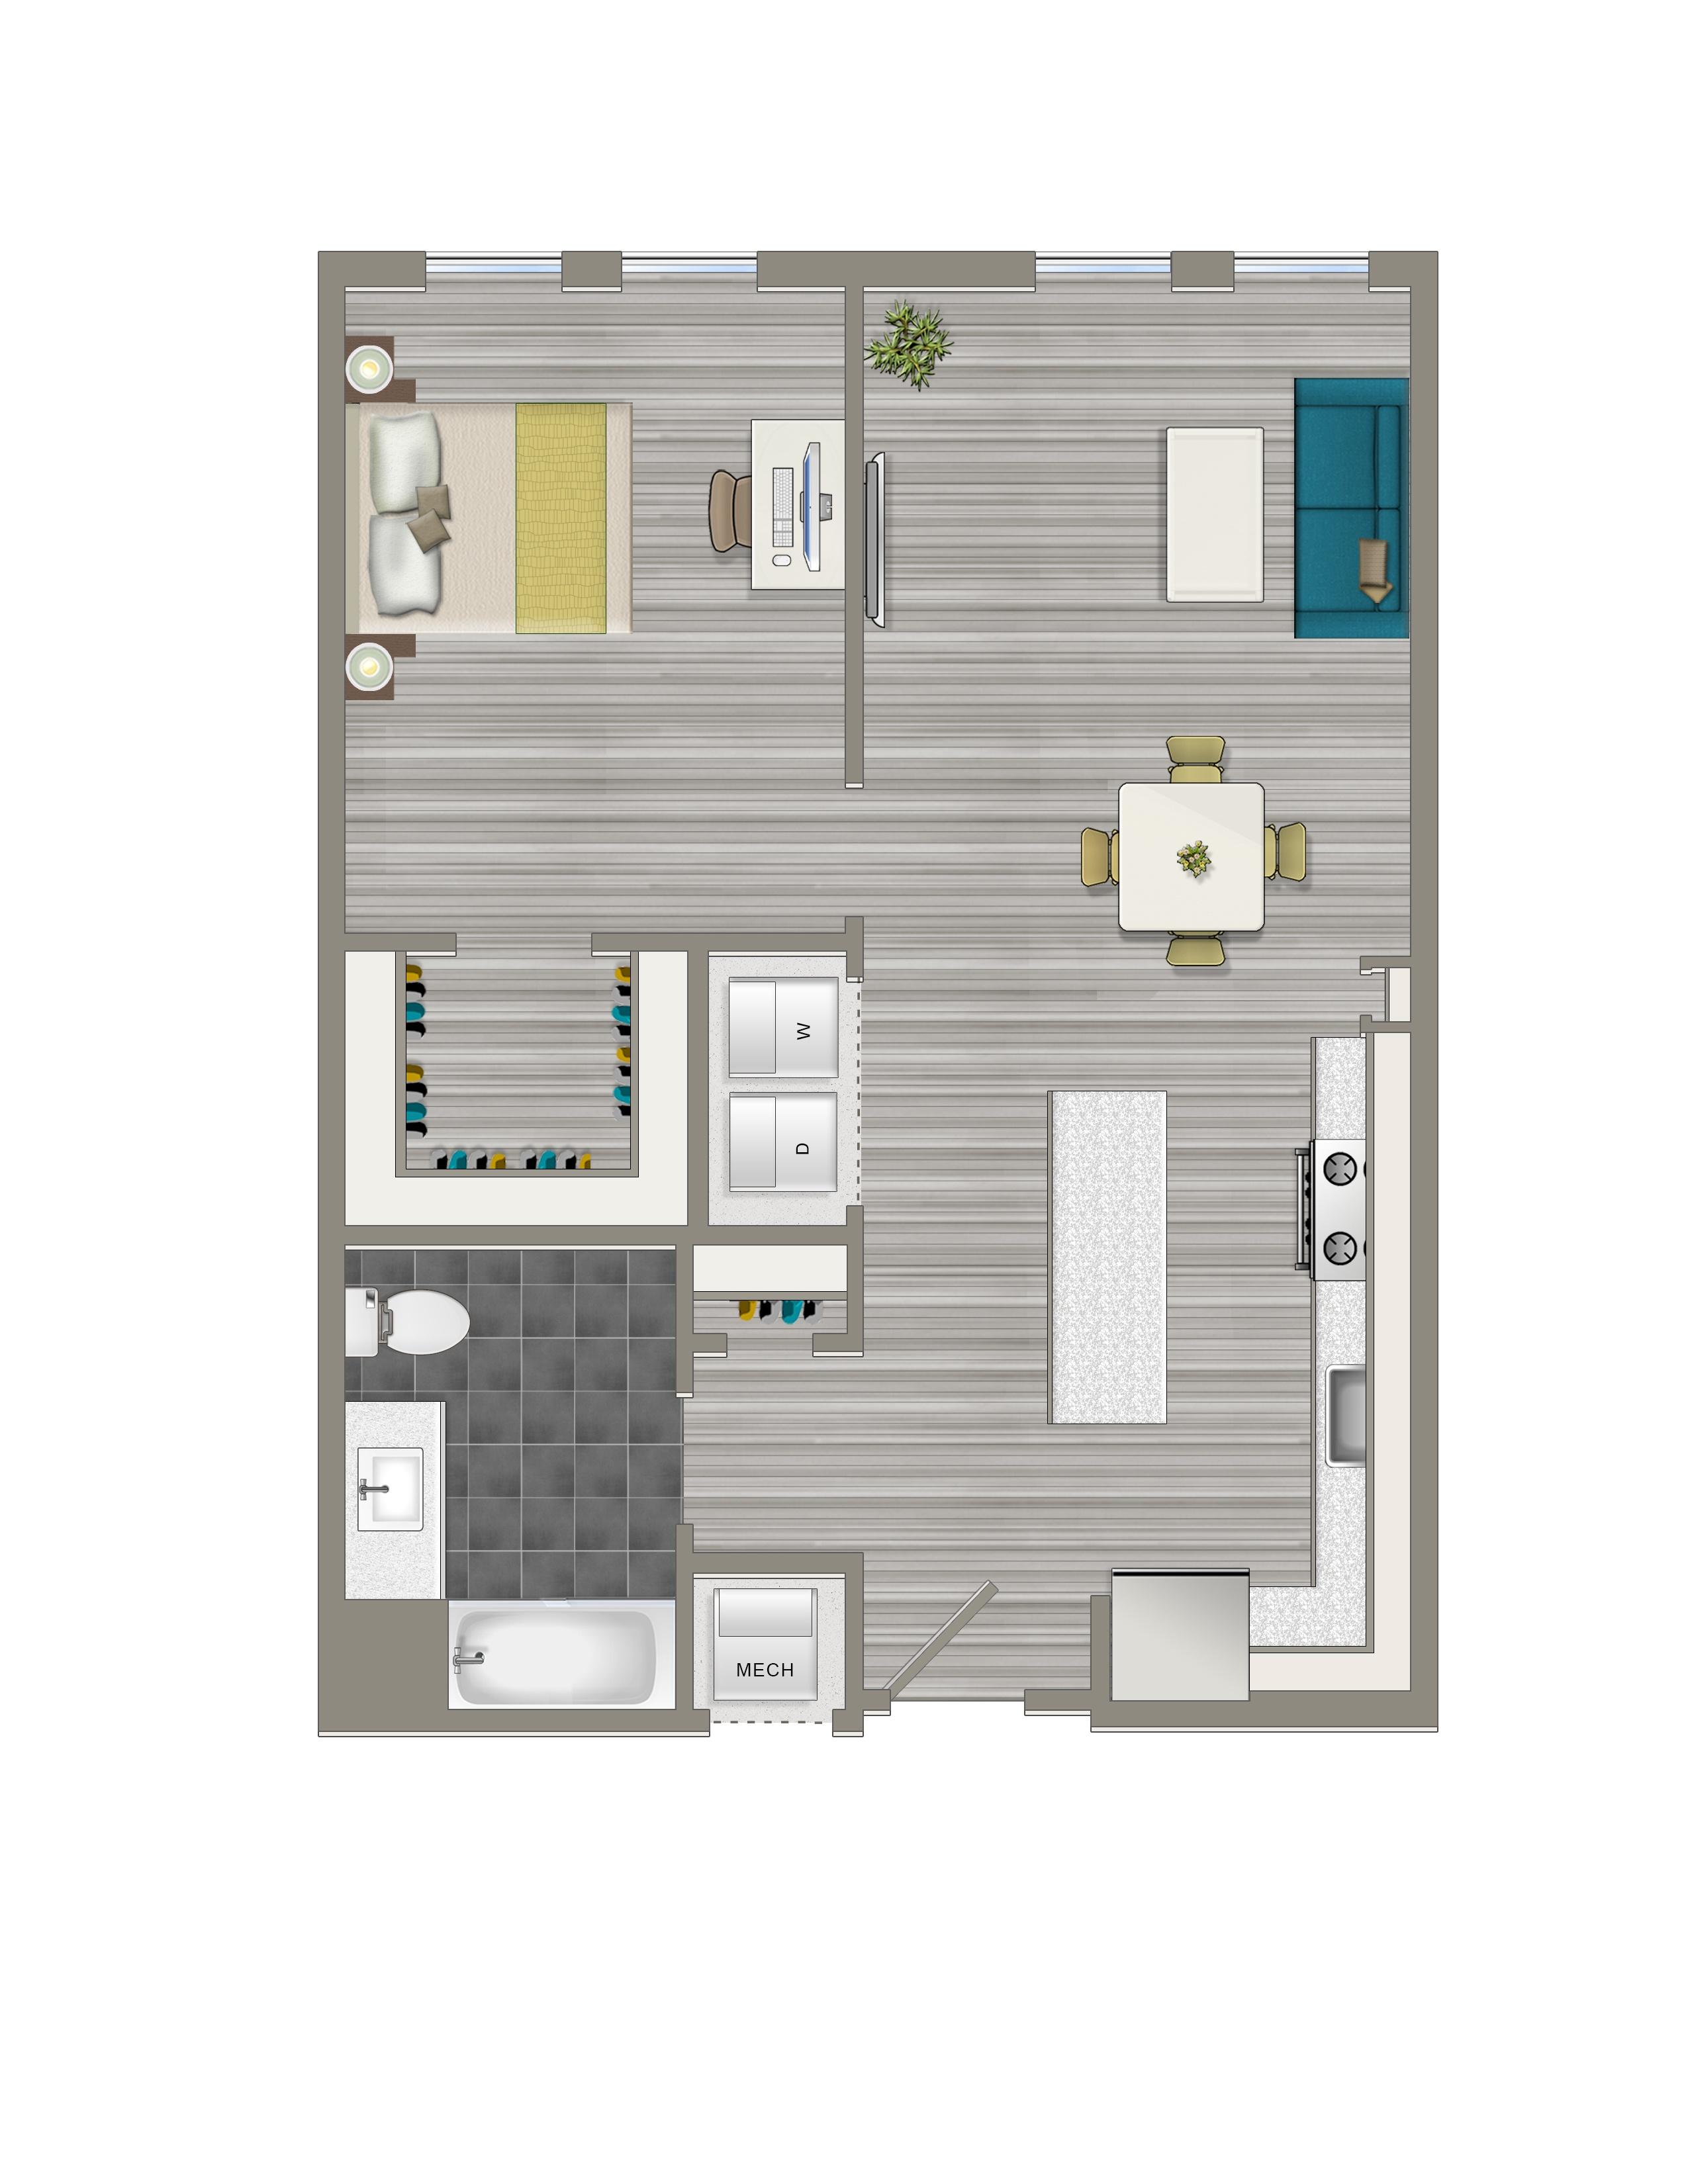 1-J - Crest Apartments